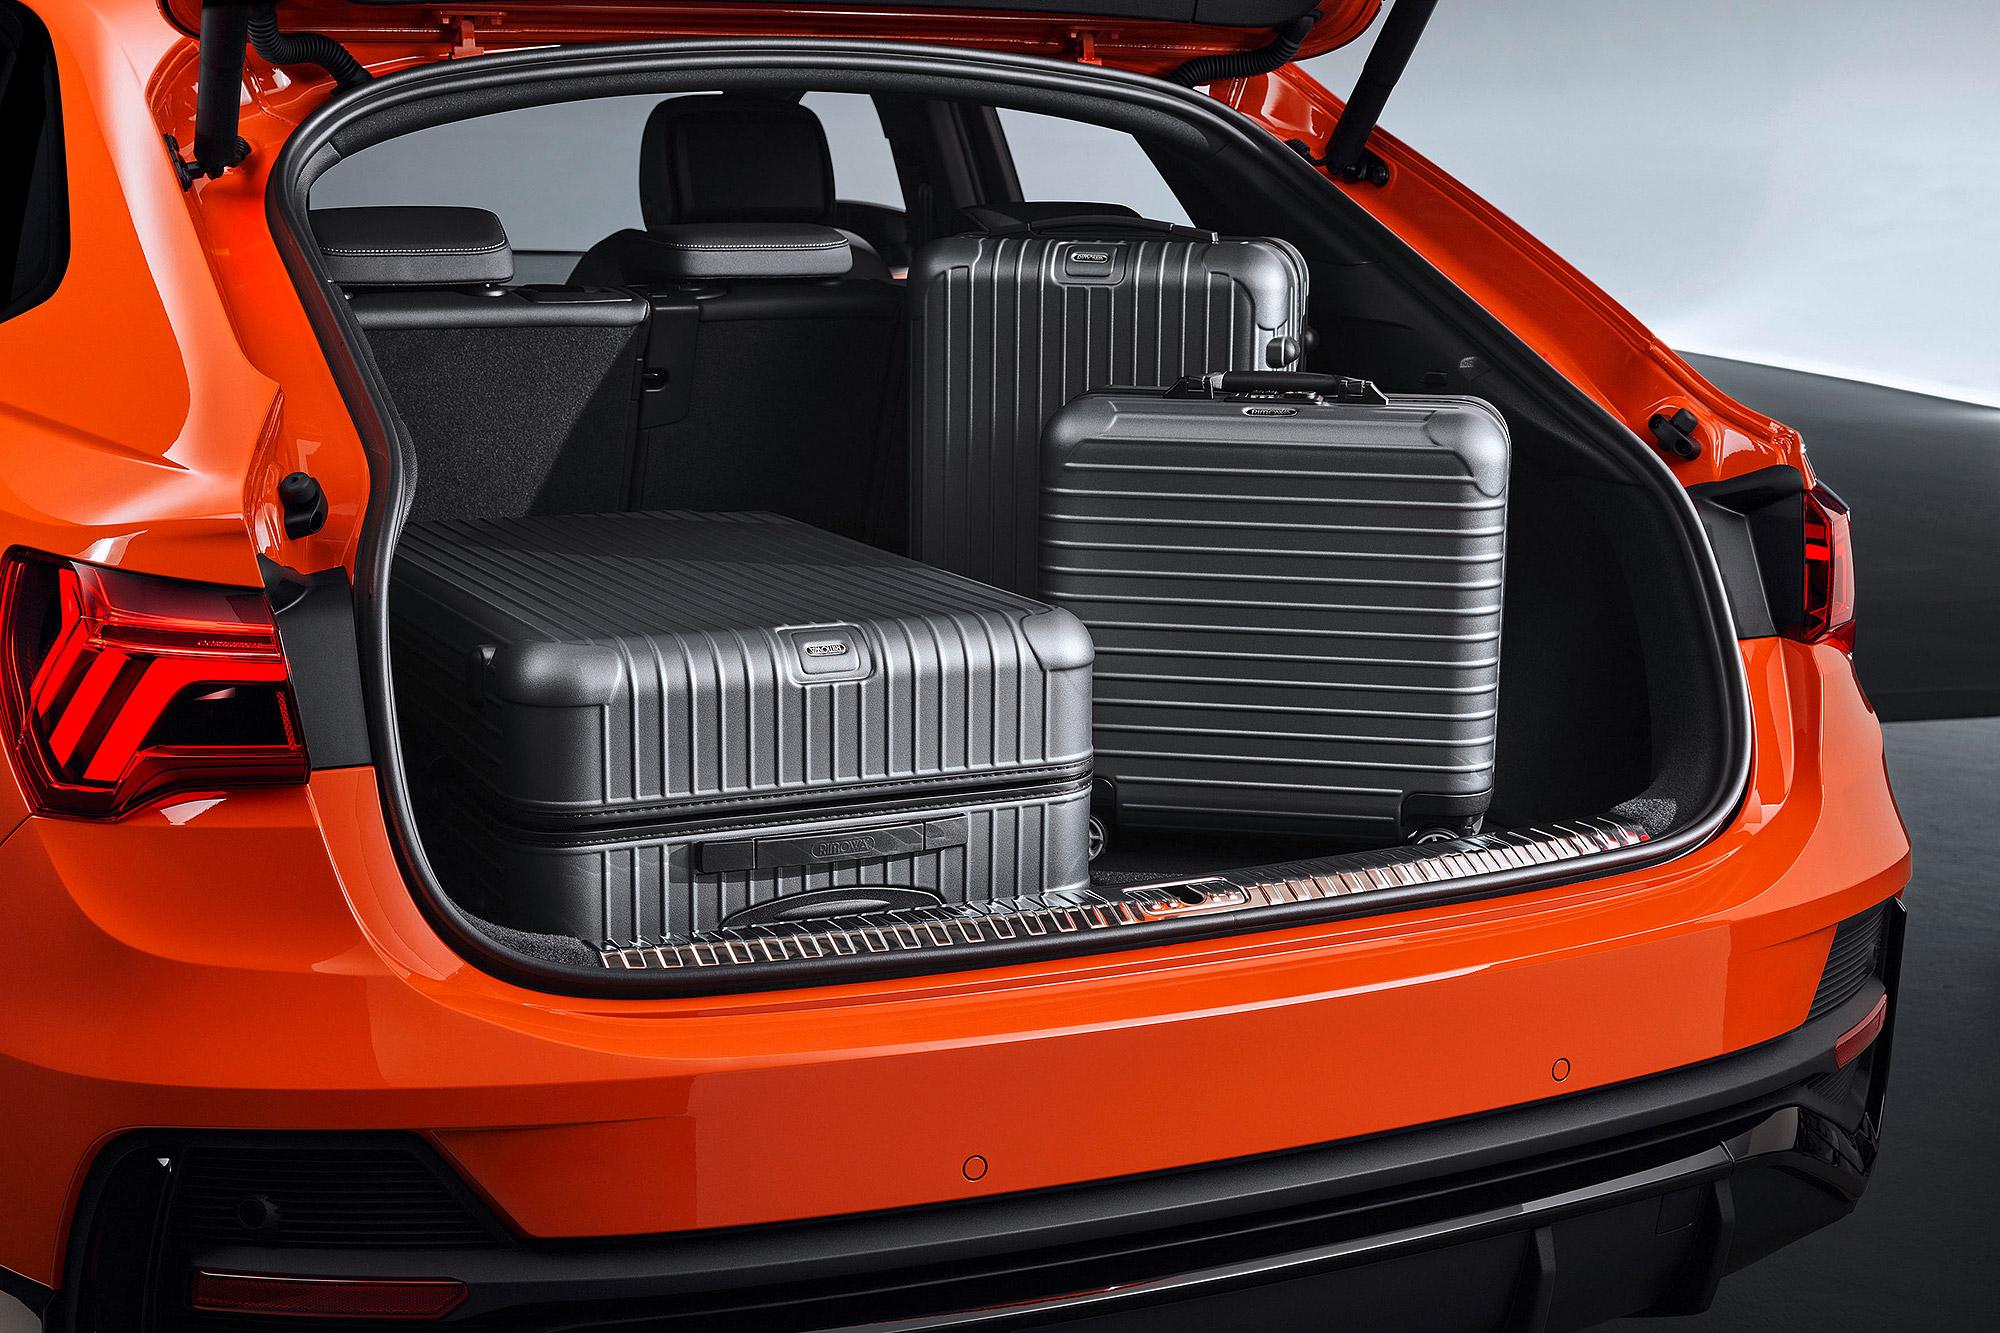 Q3 Sportback 具有 530 公升至 1,400 公升的行李廂容積。